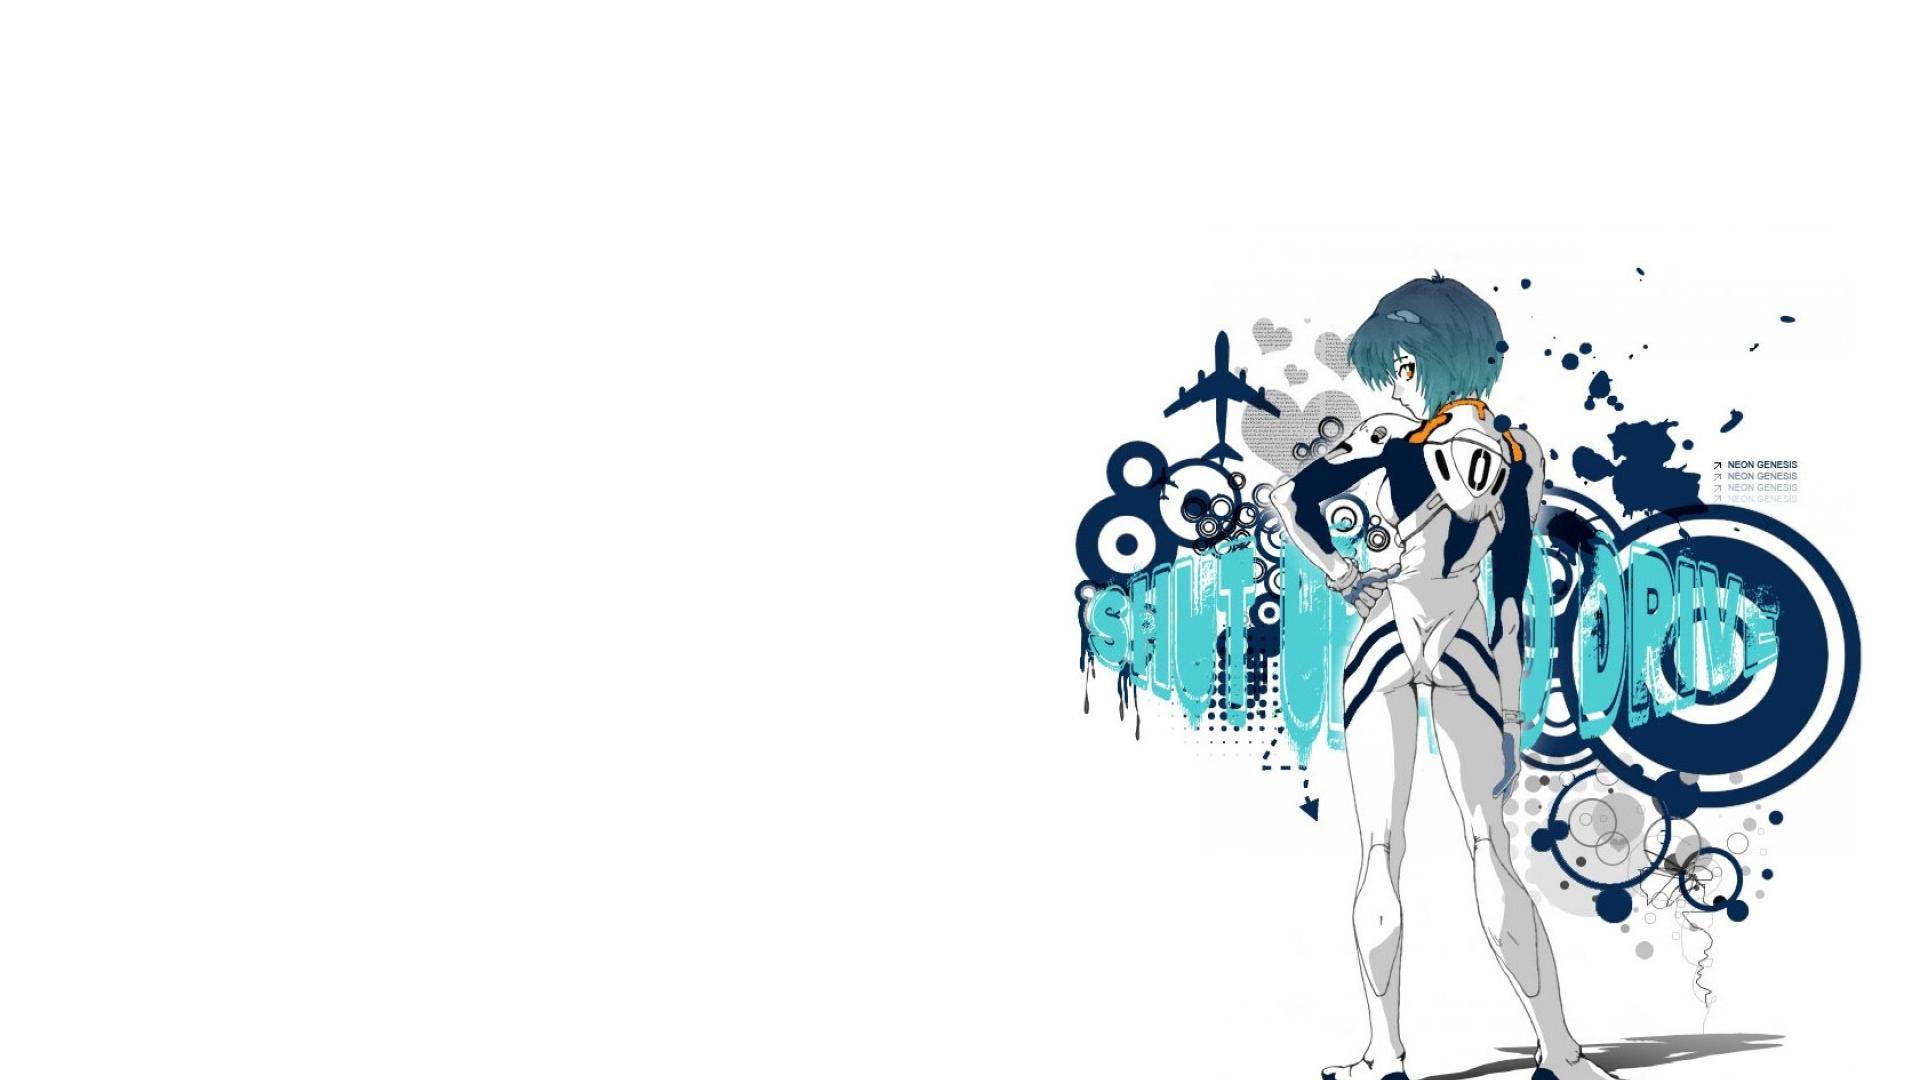 Rei ayanami wallpaper hd